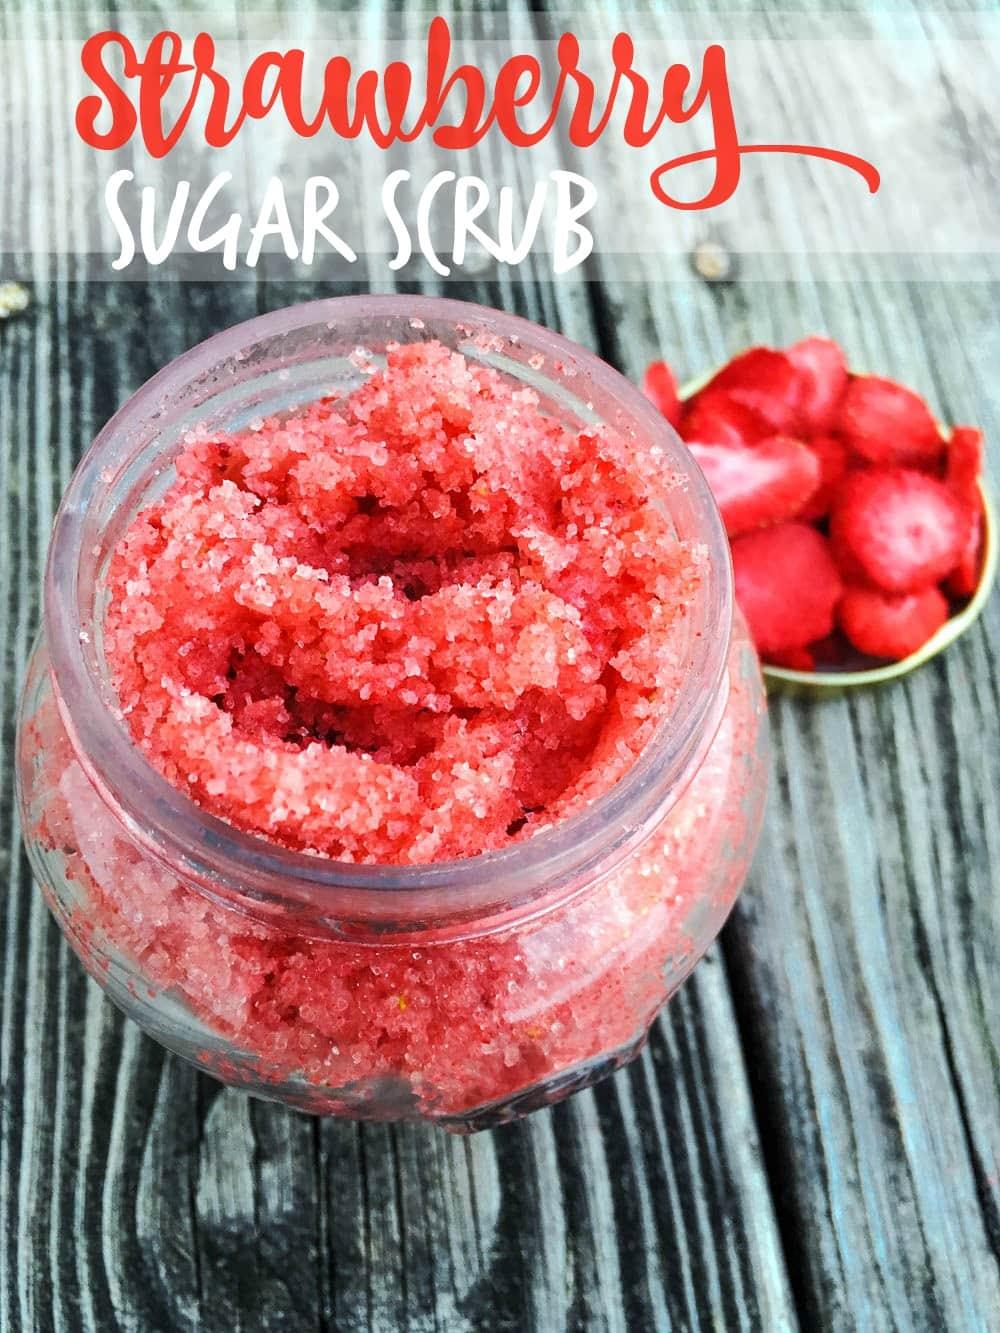 Easy Diy Sugar Scrub: DIY Strawberry Sugar Scrub